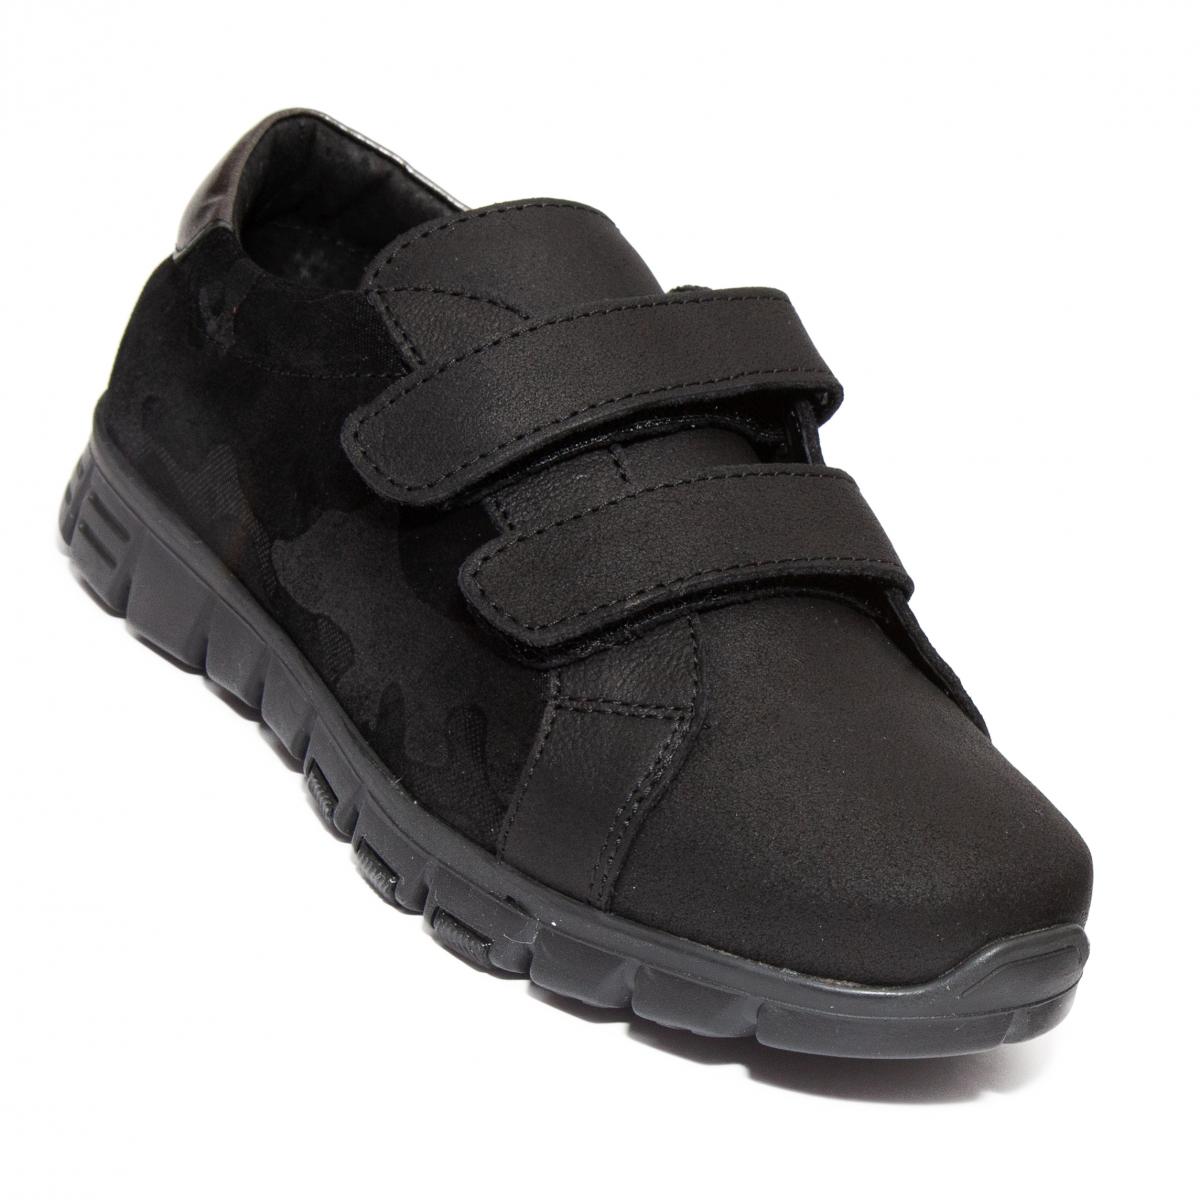 Pantofi copii sport Pj shoes Dream negru 27-36